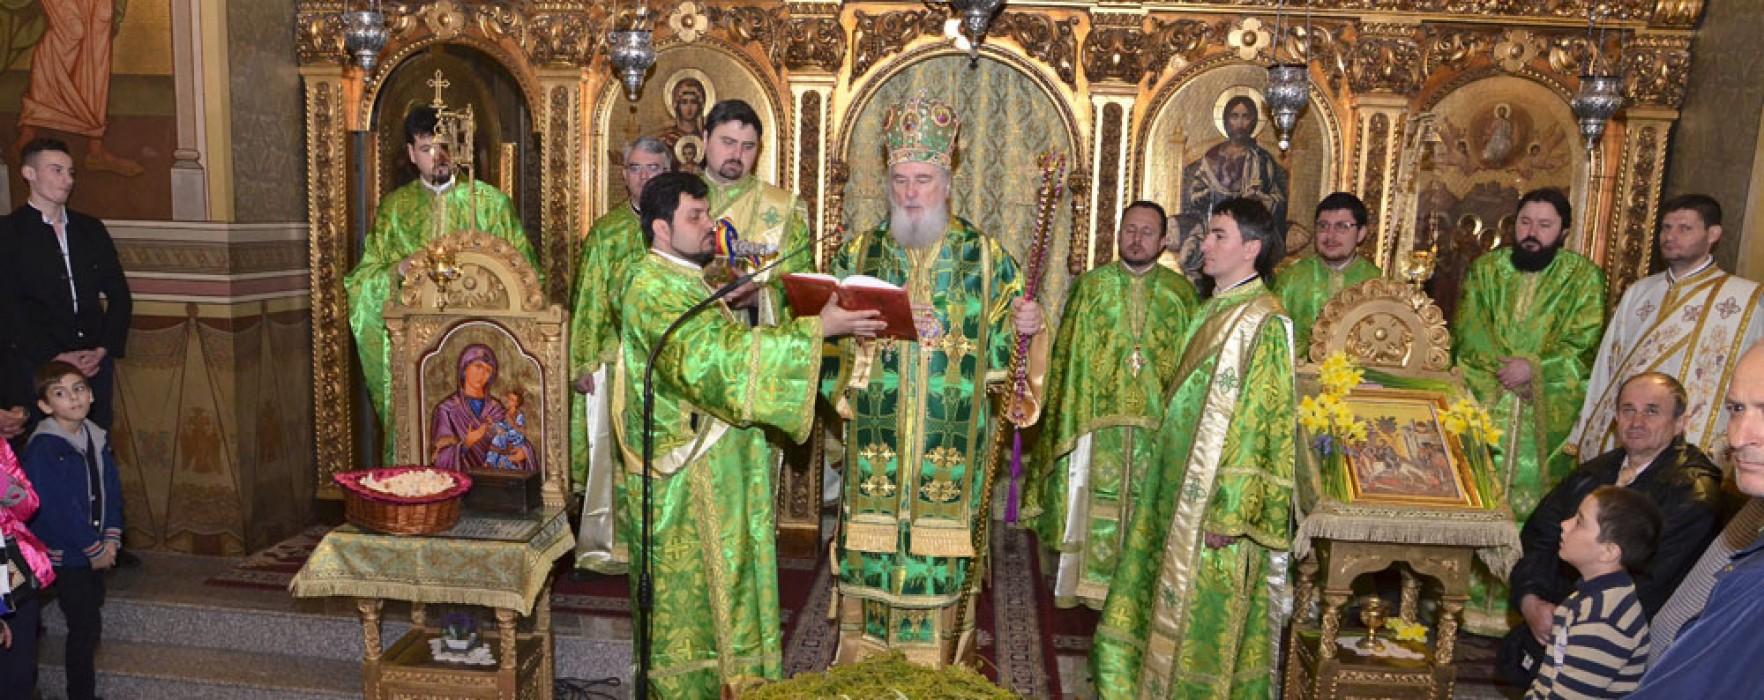 Duminica Floriilor, la Catedrala din Târgovişte